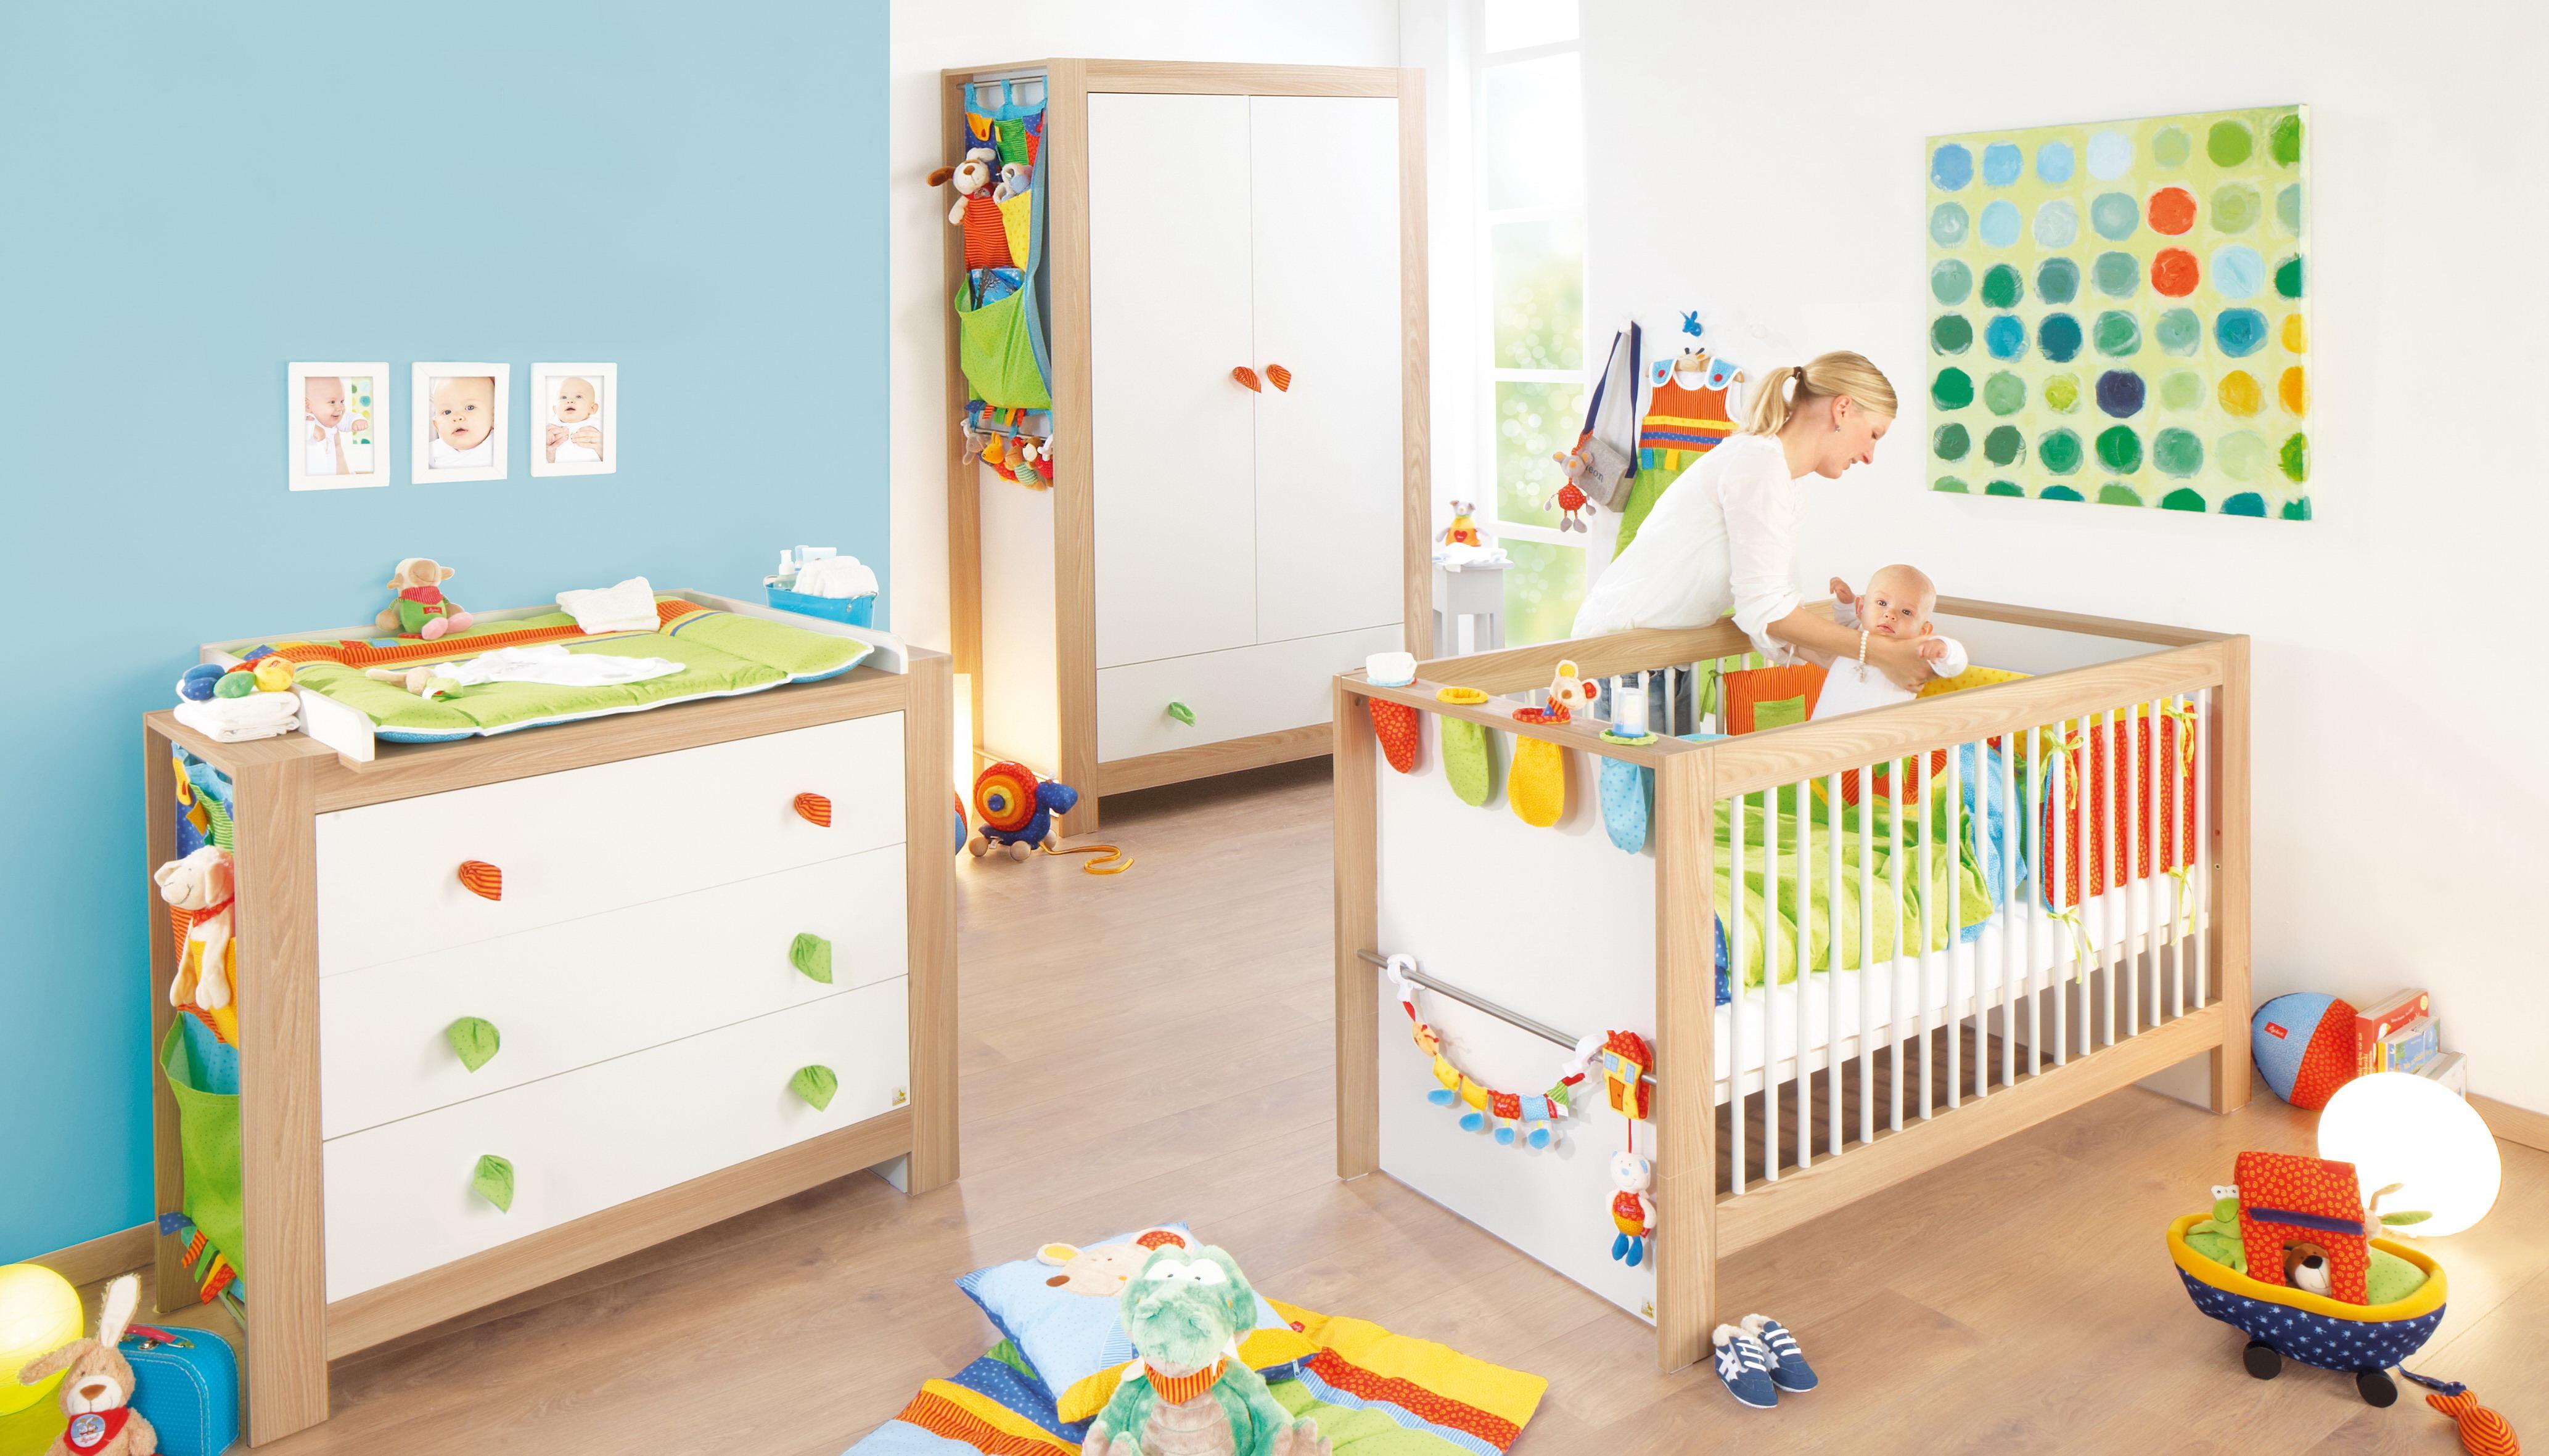 Планировка детской комнаты разноцветной